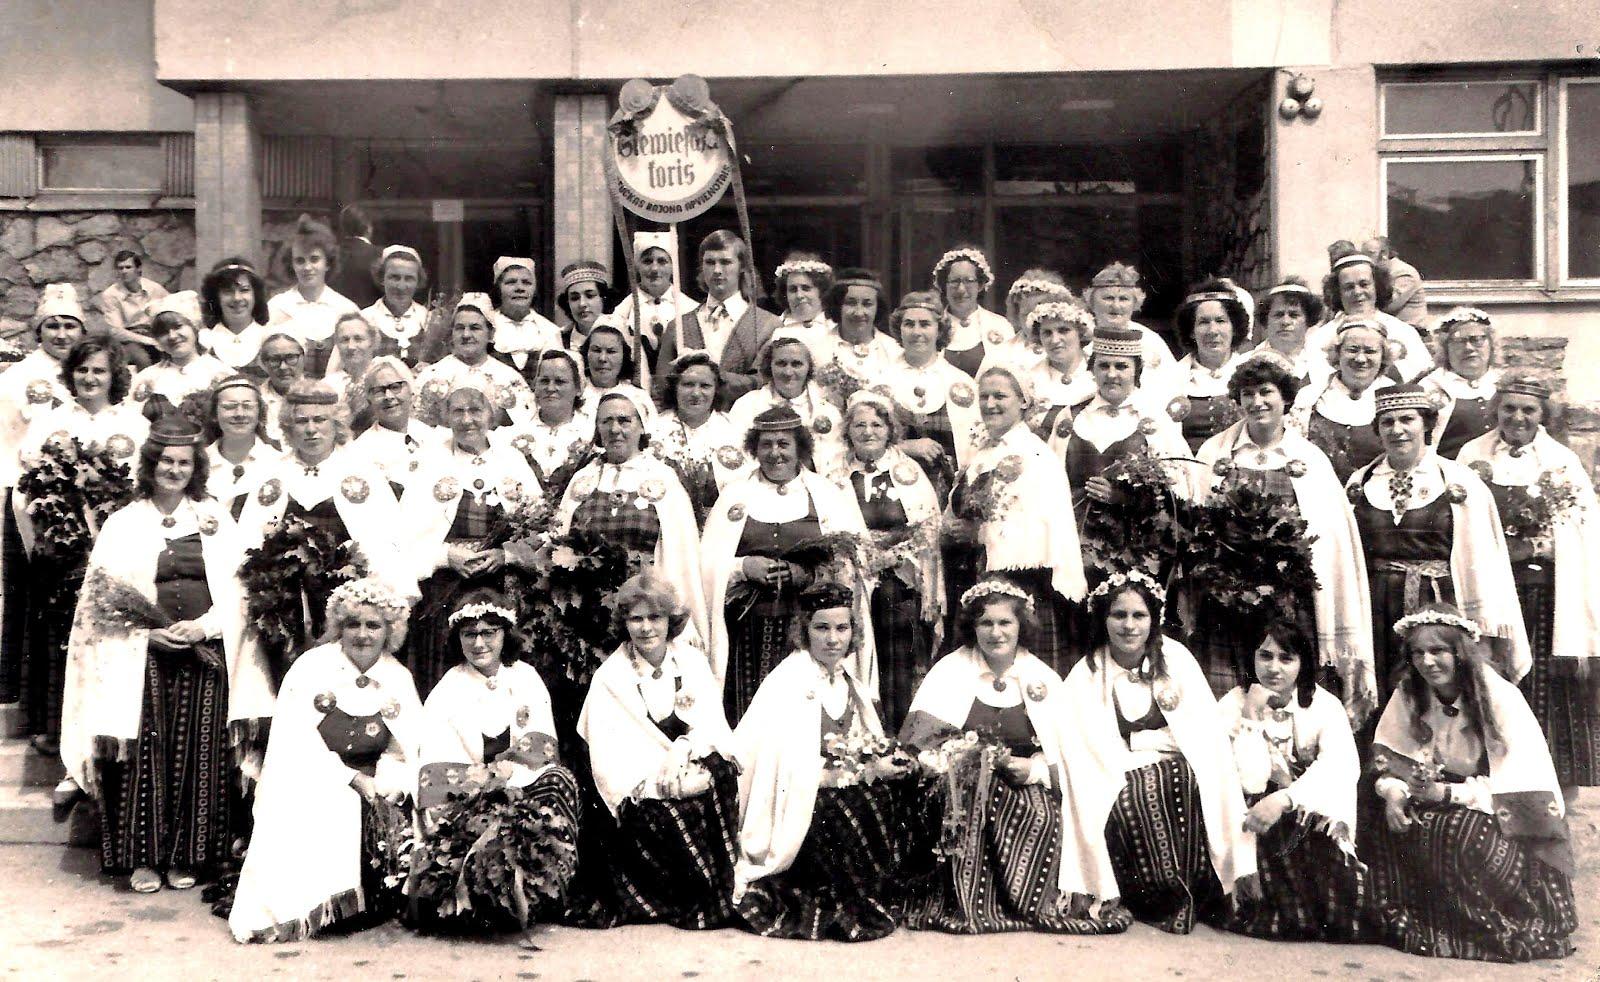 Apvienotais sieviešu kora koncerts Ogrē . Varbūt tas pats 1977. gads